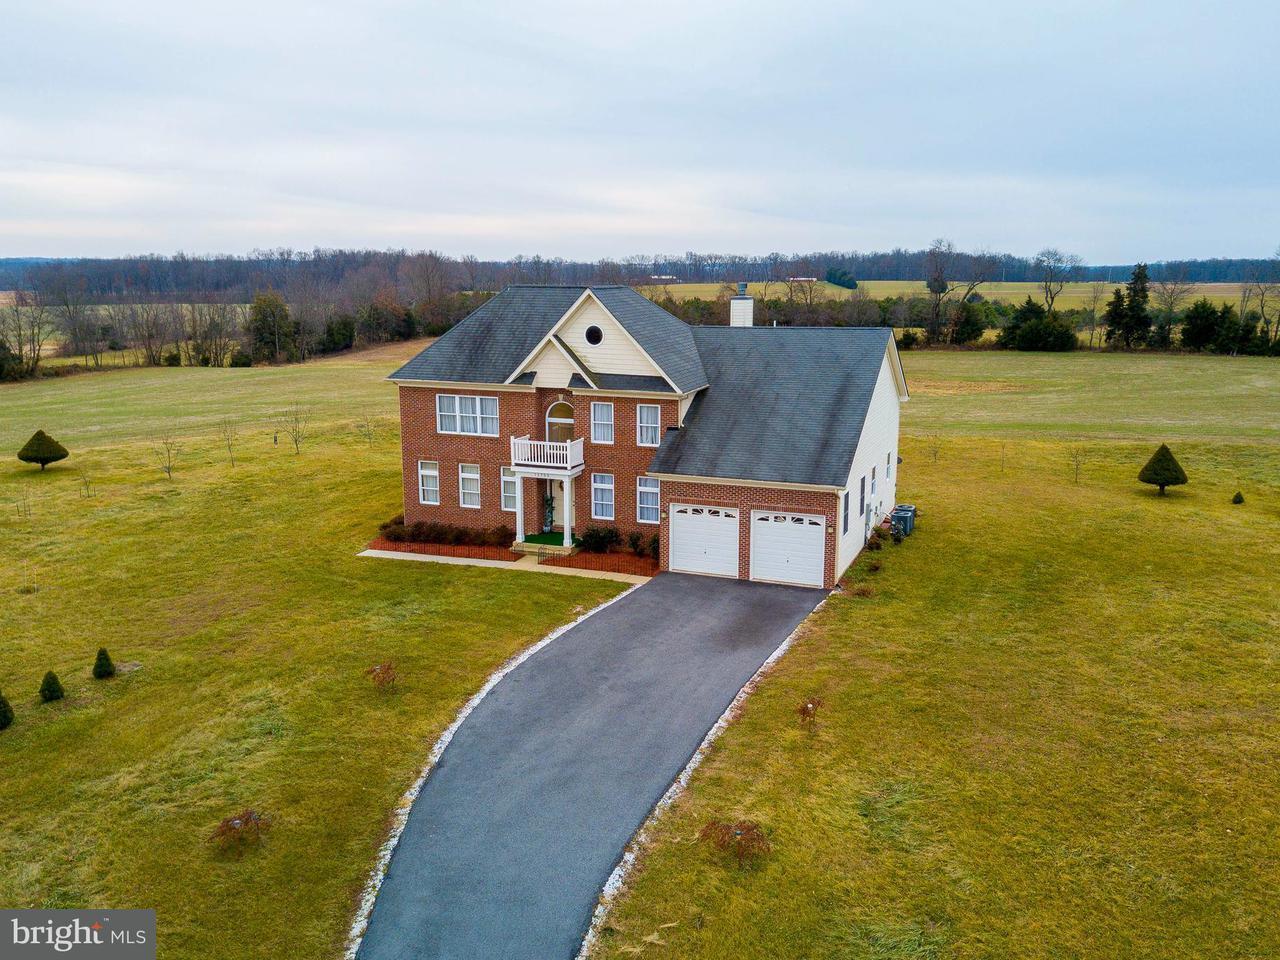 Частный односемейный дом для того Продажа на 11755 Taneytown Pike 11755 Taneytown Pike Taneytown, Мэриленд 21787 Соединенные Штаты